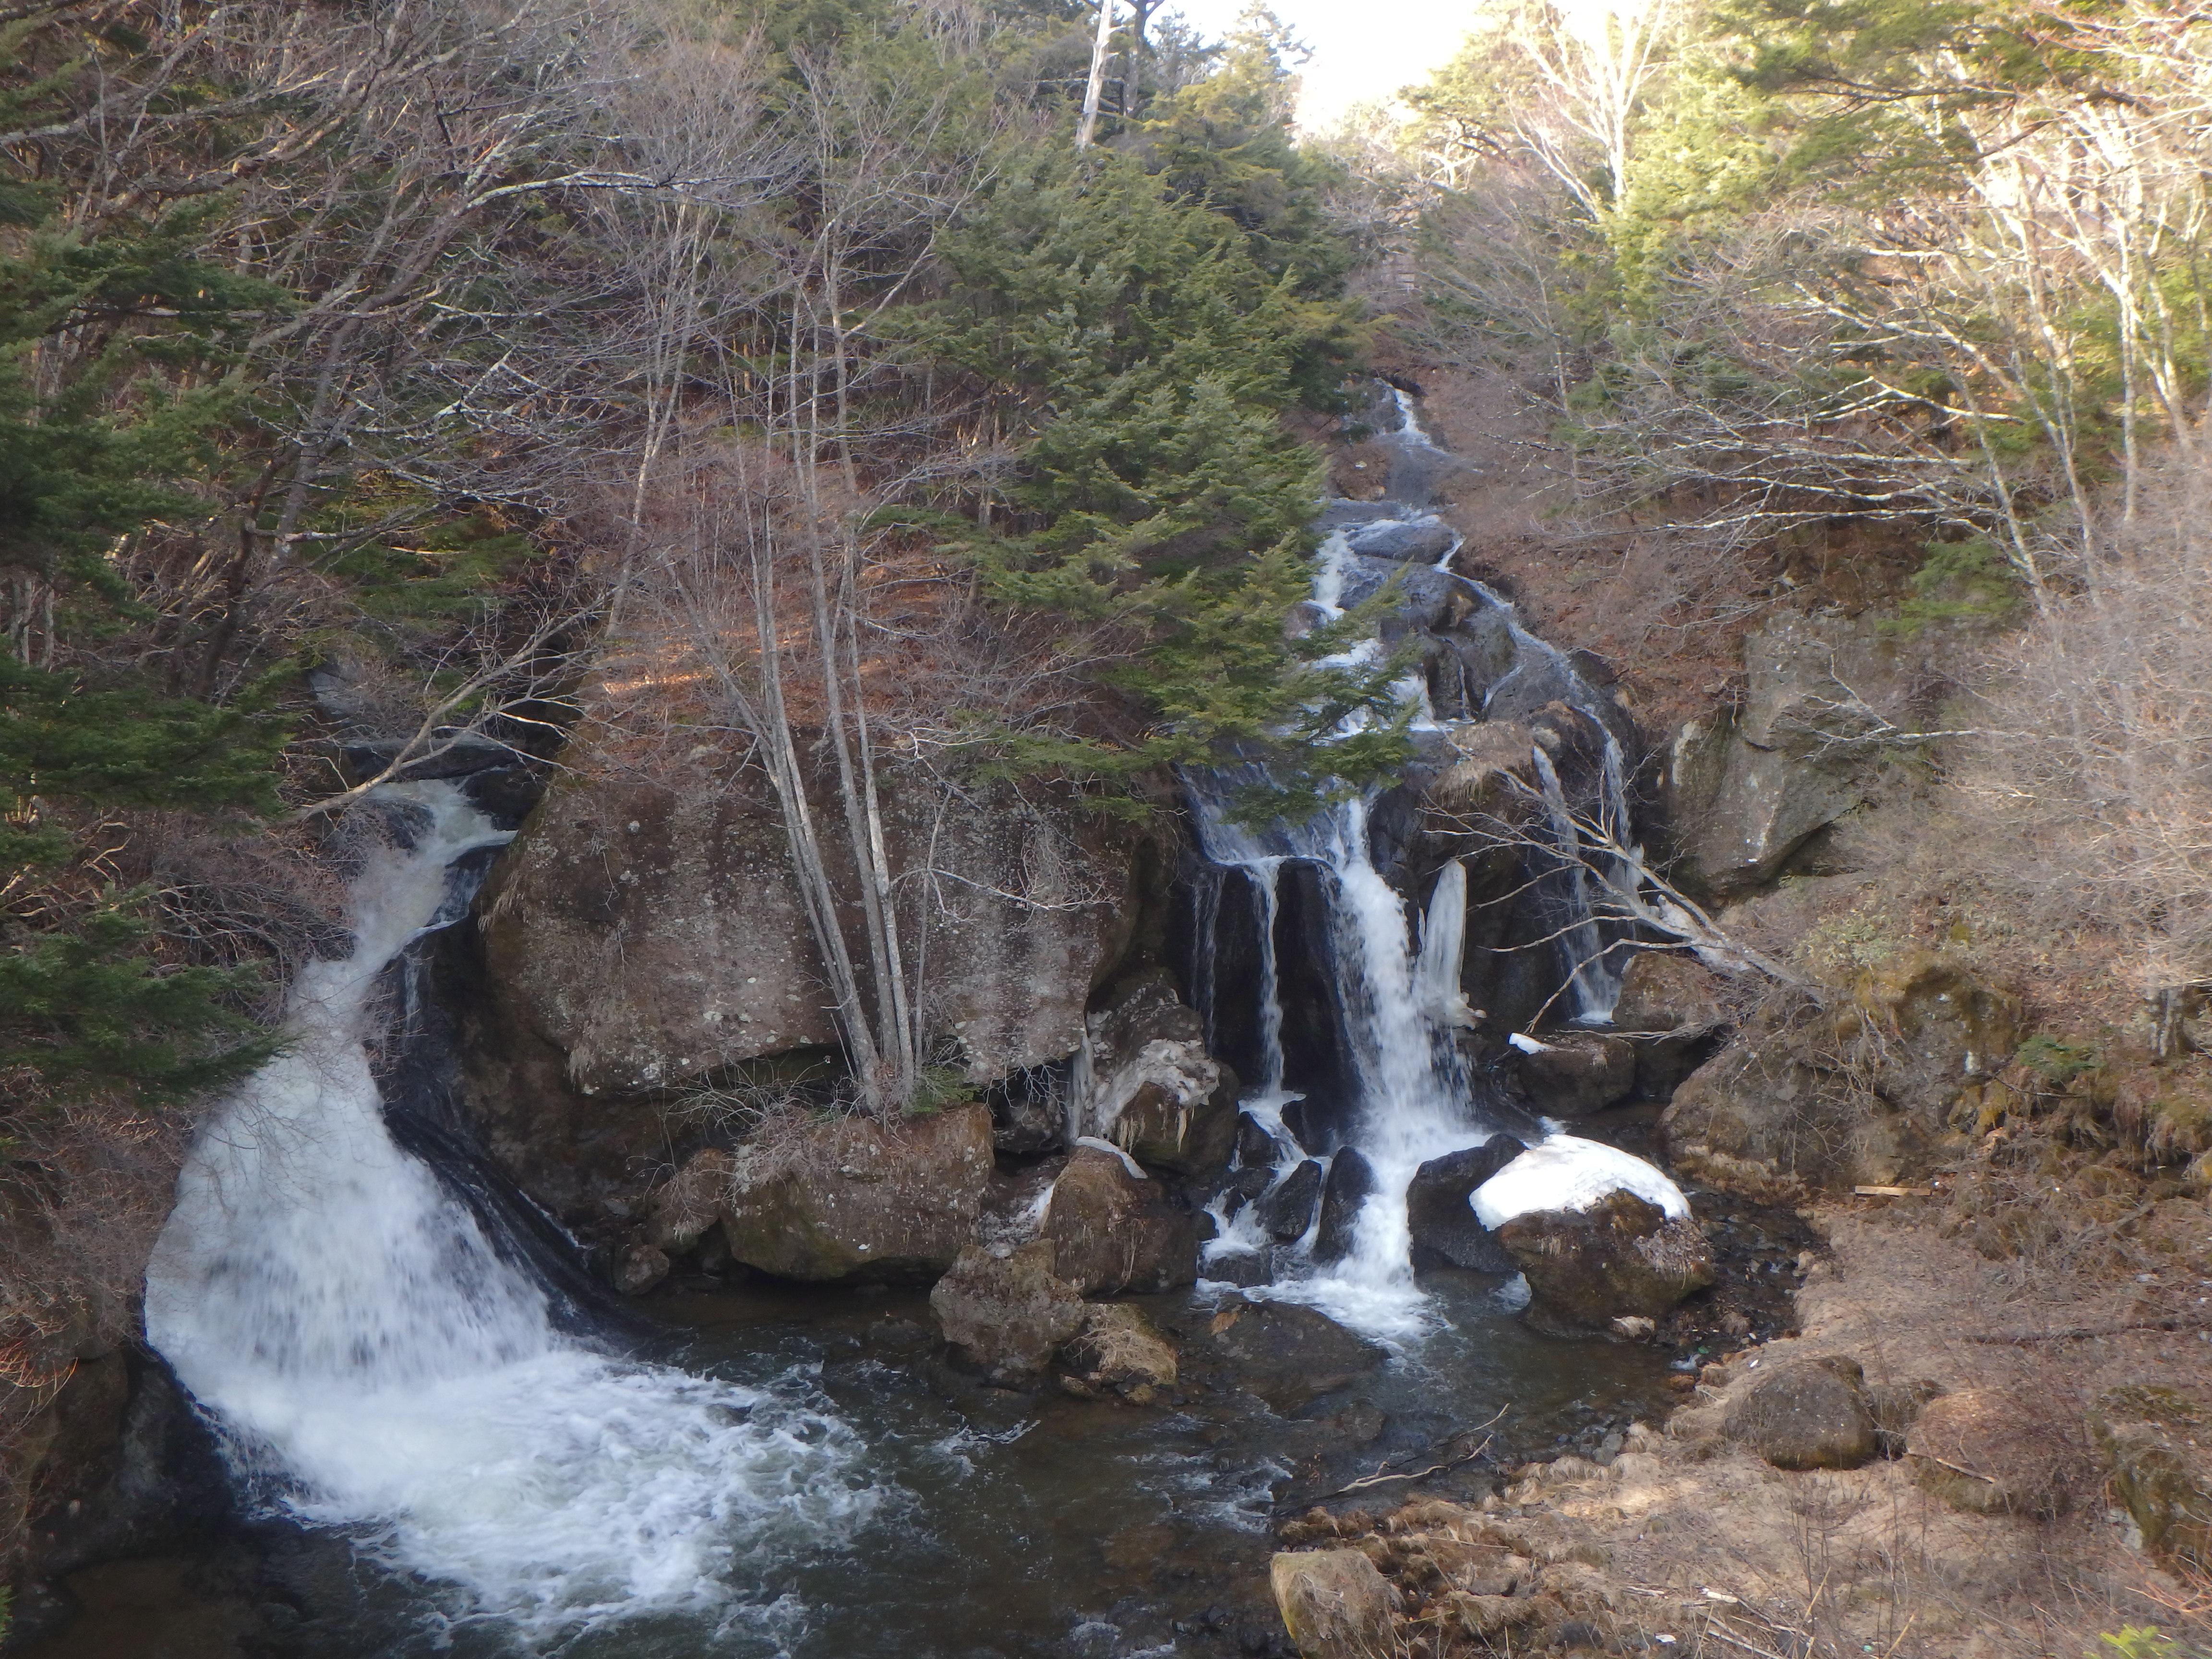 華厳の滝とは全然違う趣きの竜頭の滝